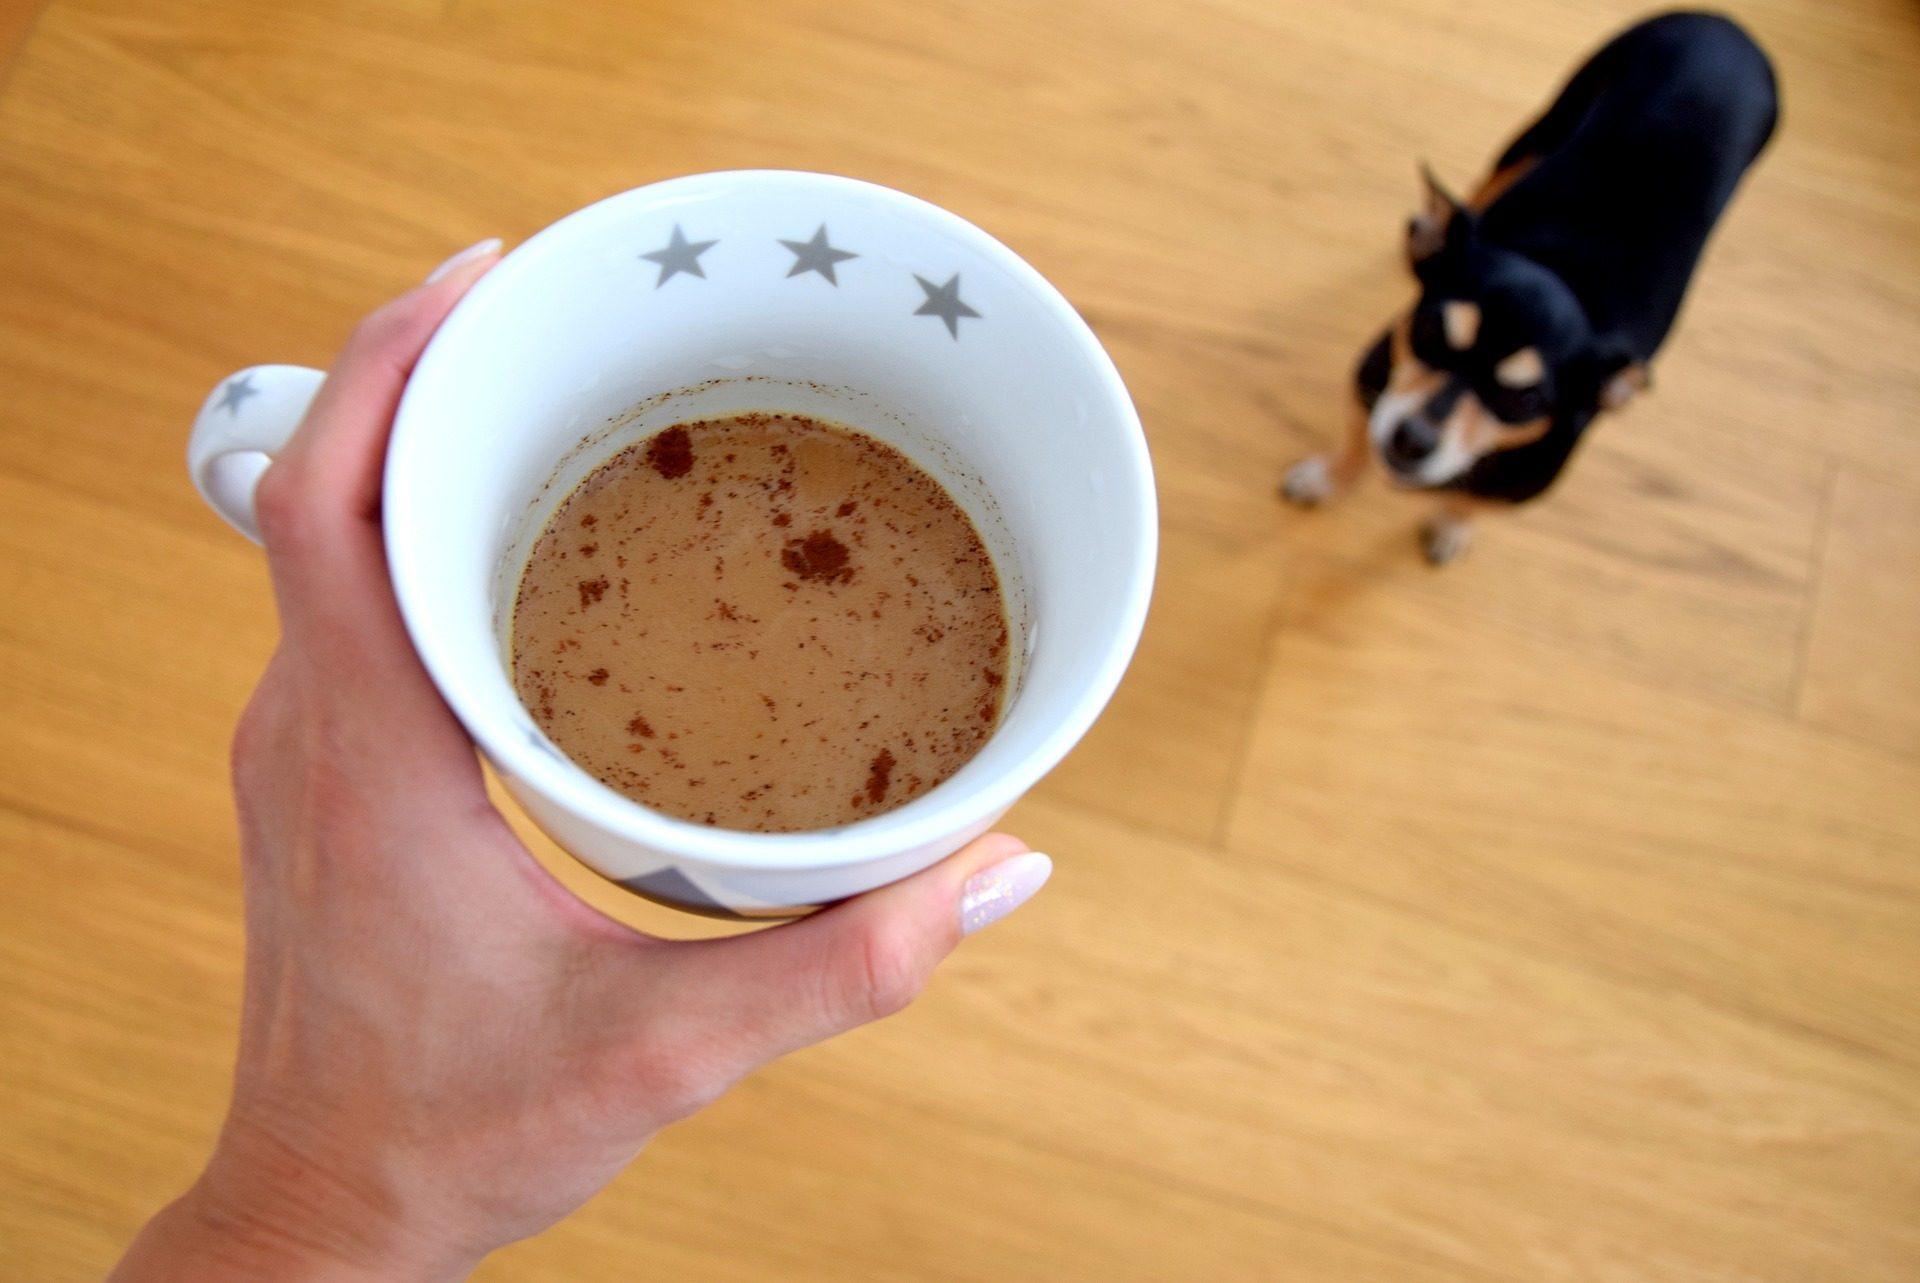 カップ, コーヒー, つ星, 犬, ペット - HD の壁紙 - 教授-falken.com